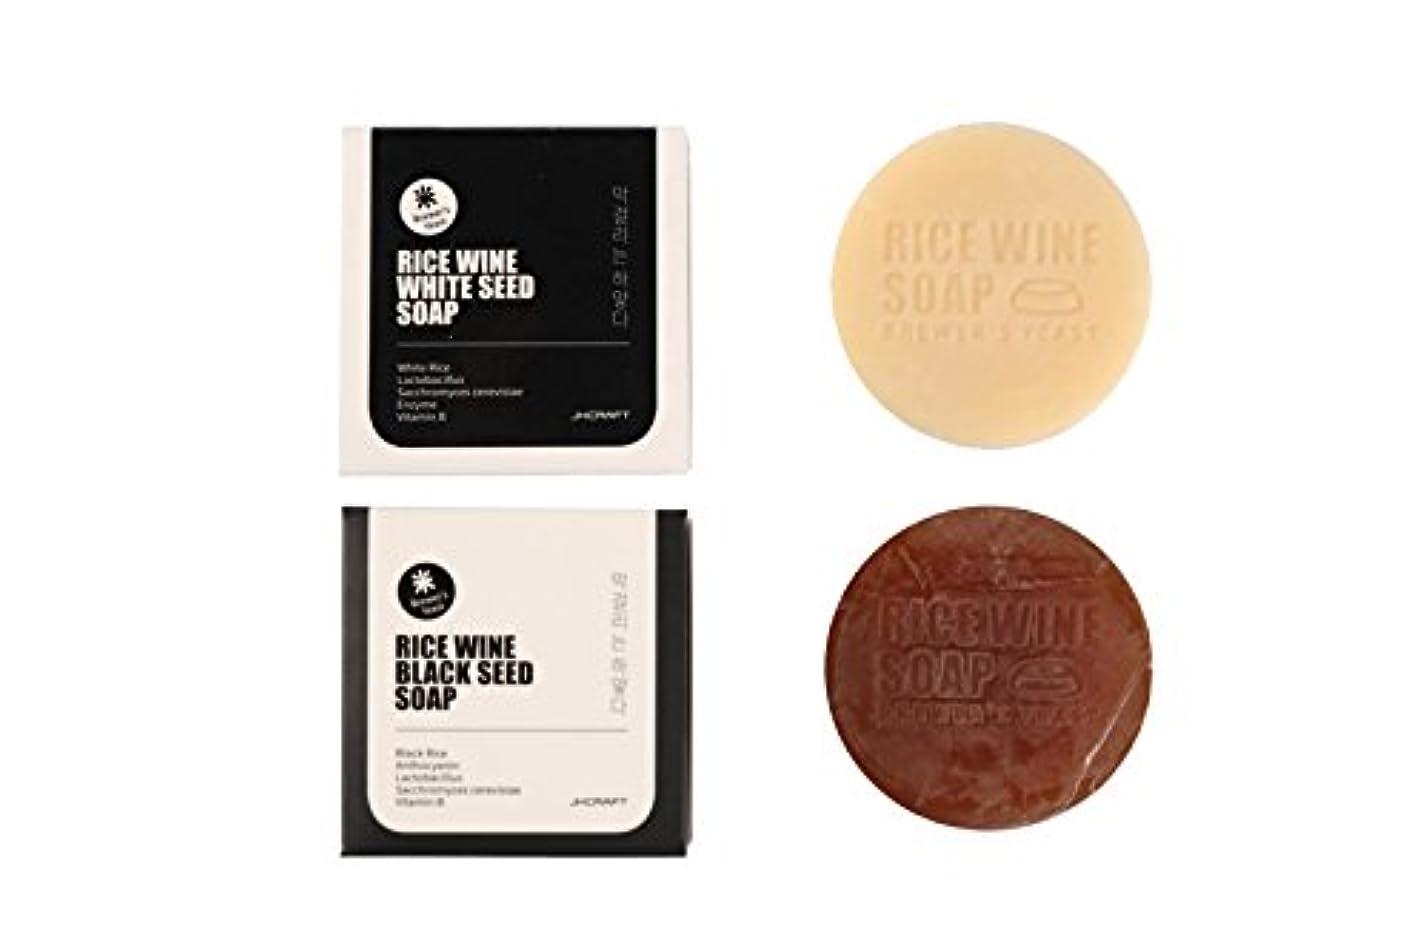 クロニクル代数警察署JKCRAFT RICEWINE WHITE&BLACK SEED SOAP マッコリ酵母石鹸 & 黒米マッコリ酵母石鹸 2pcs [並行輸入品]